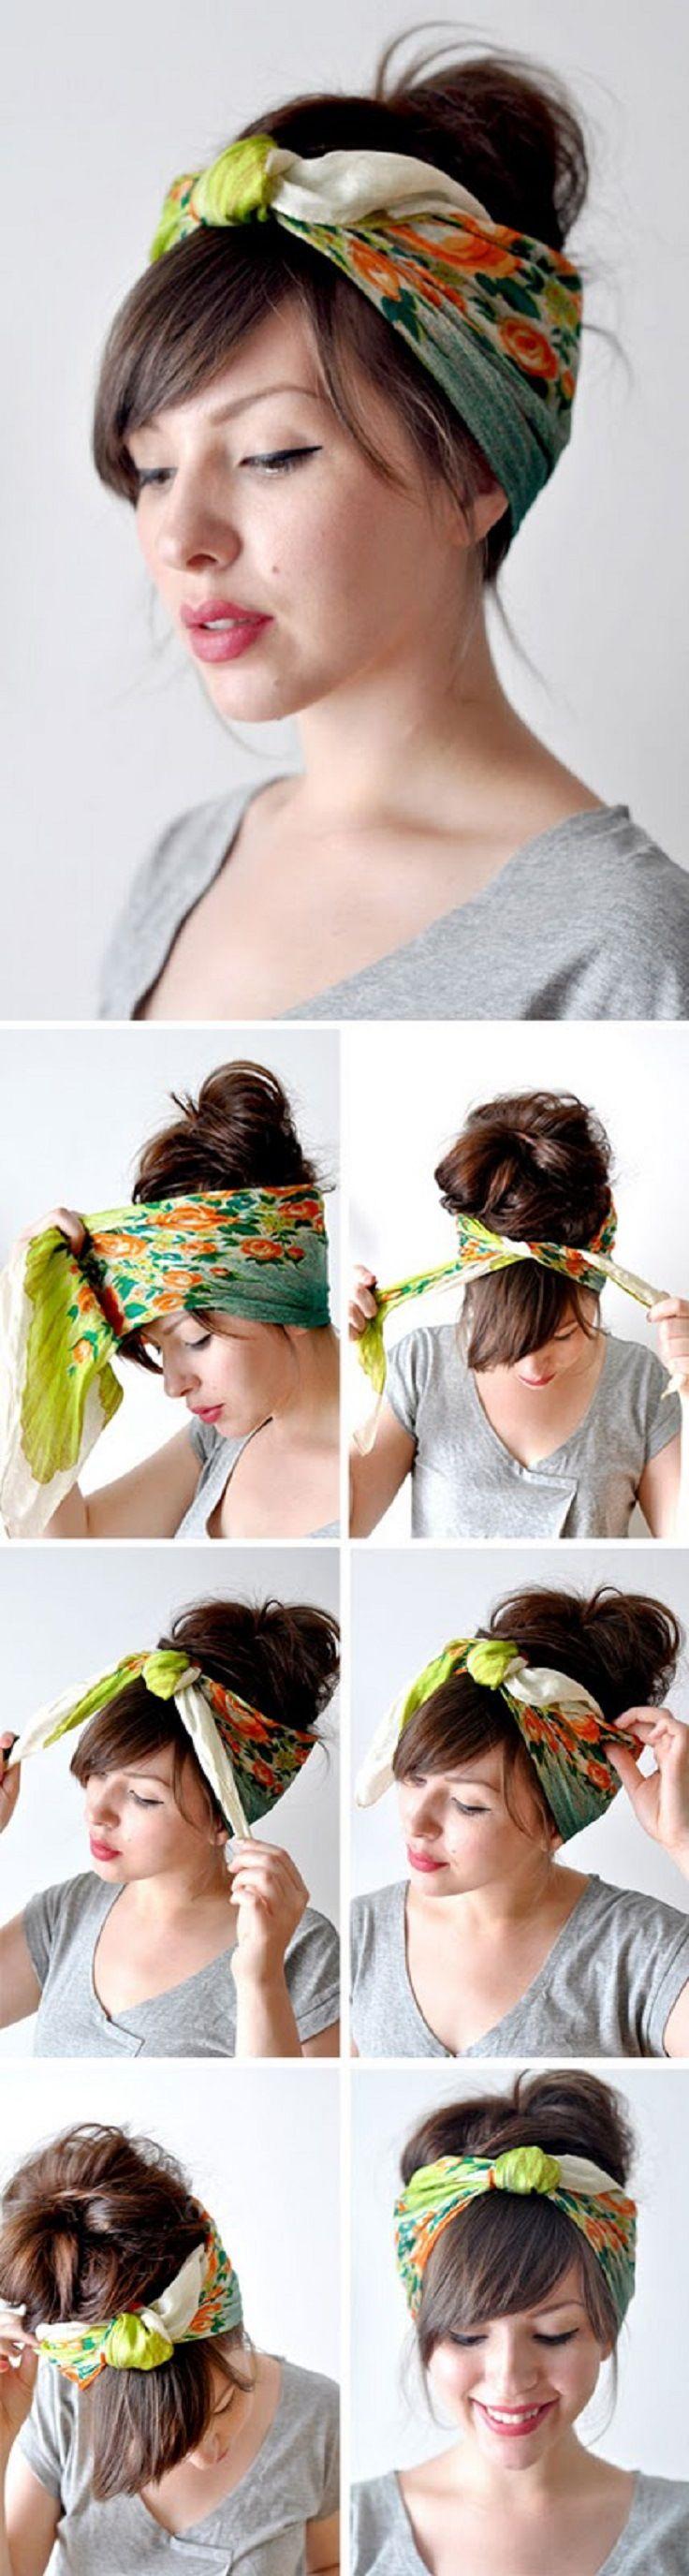 5 Peinados fáciles y prácticos para el pelo corto